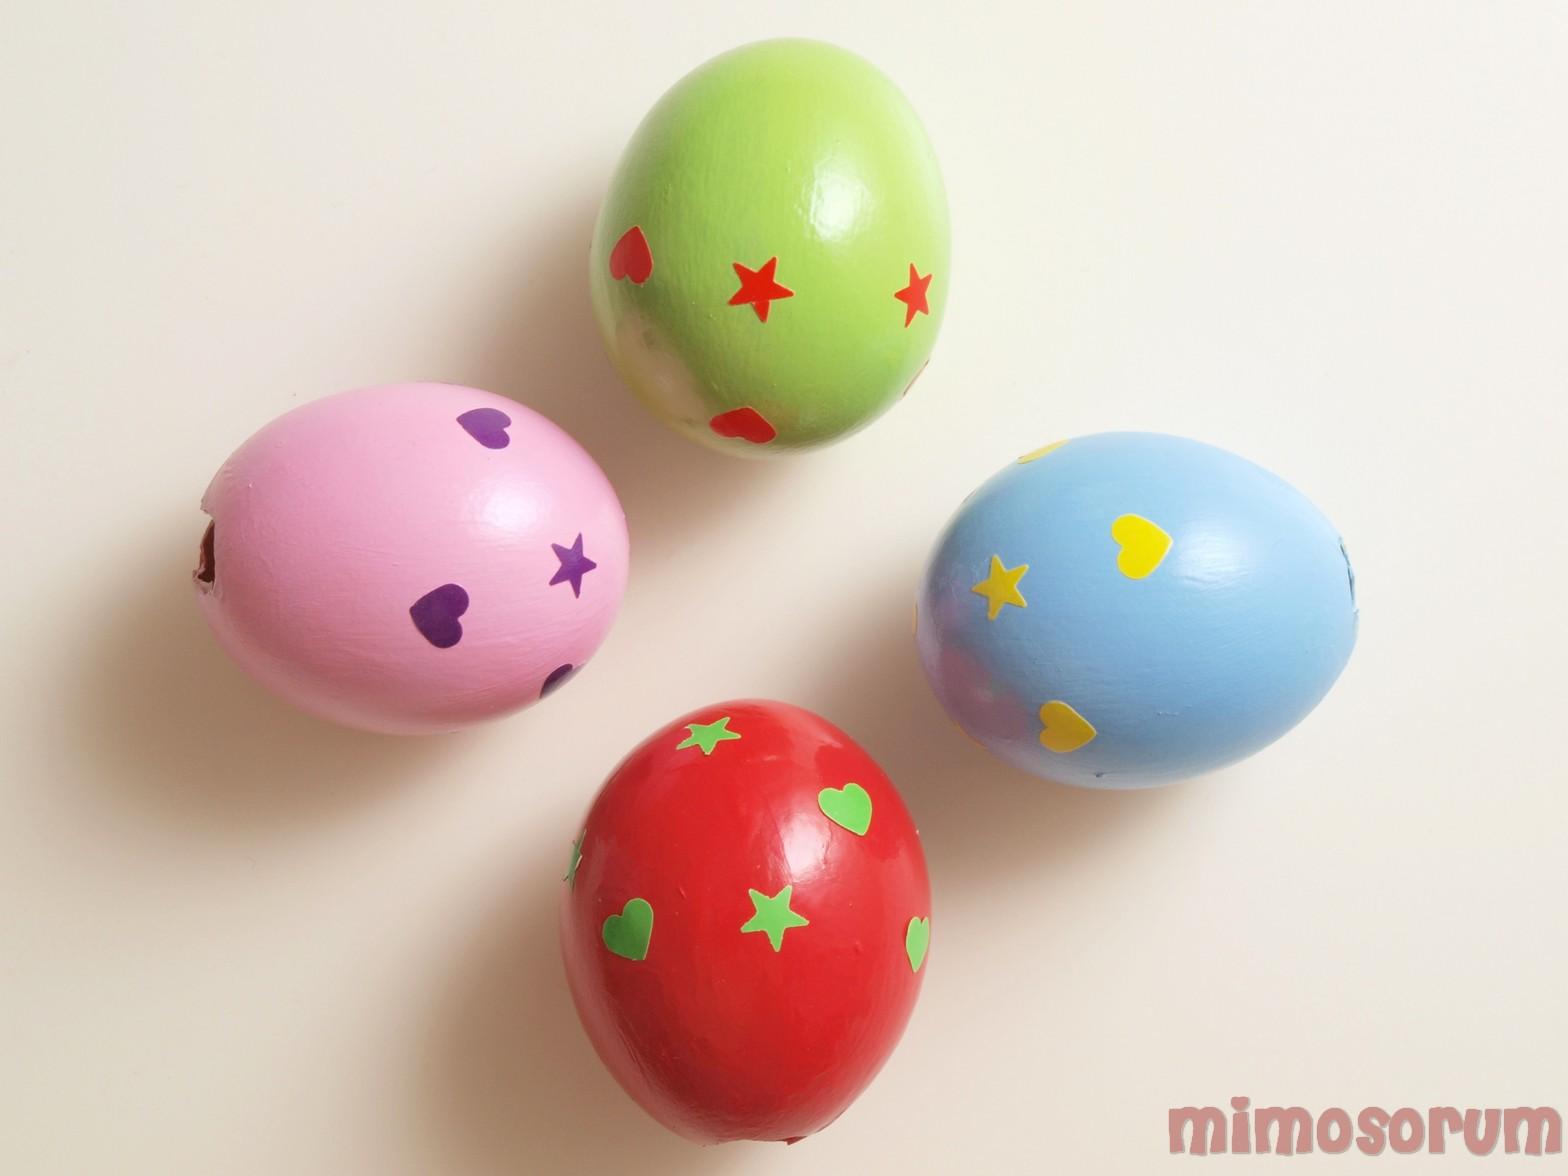 San Valentín.Mensajes en un huevo.Mimosorum